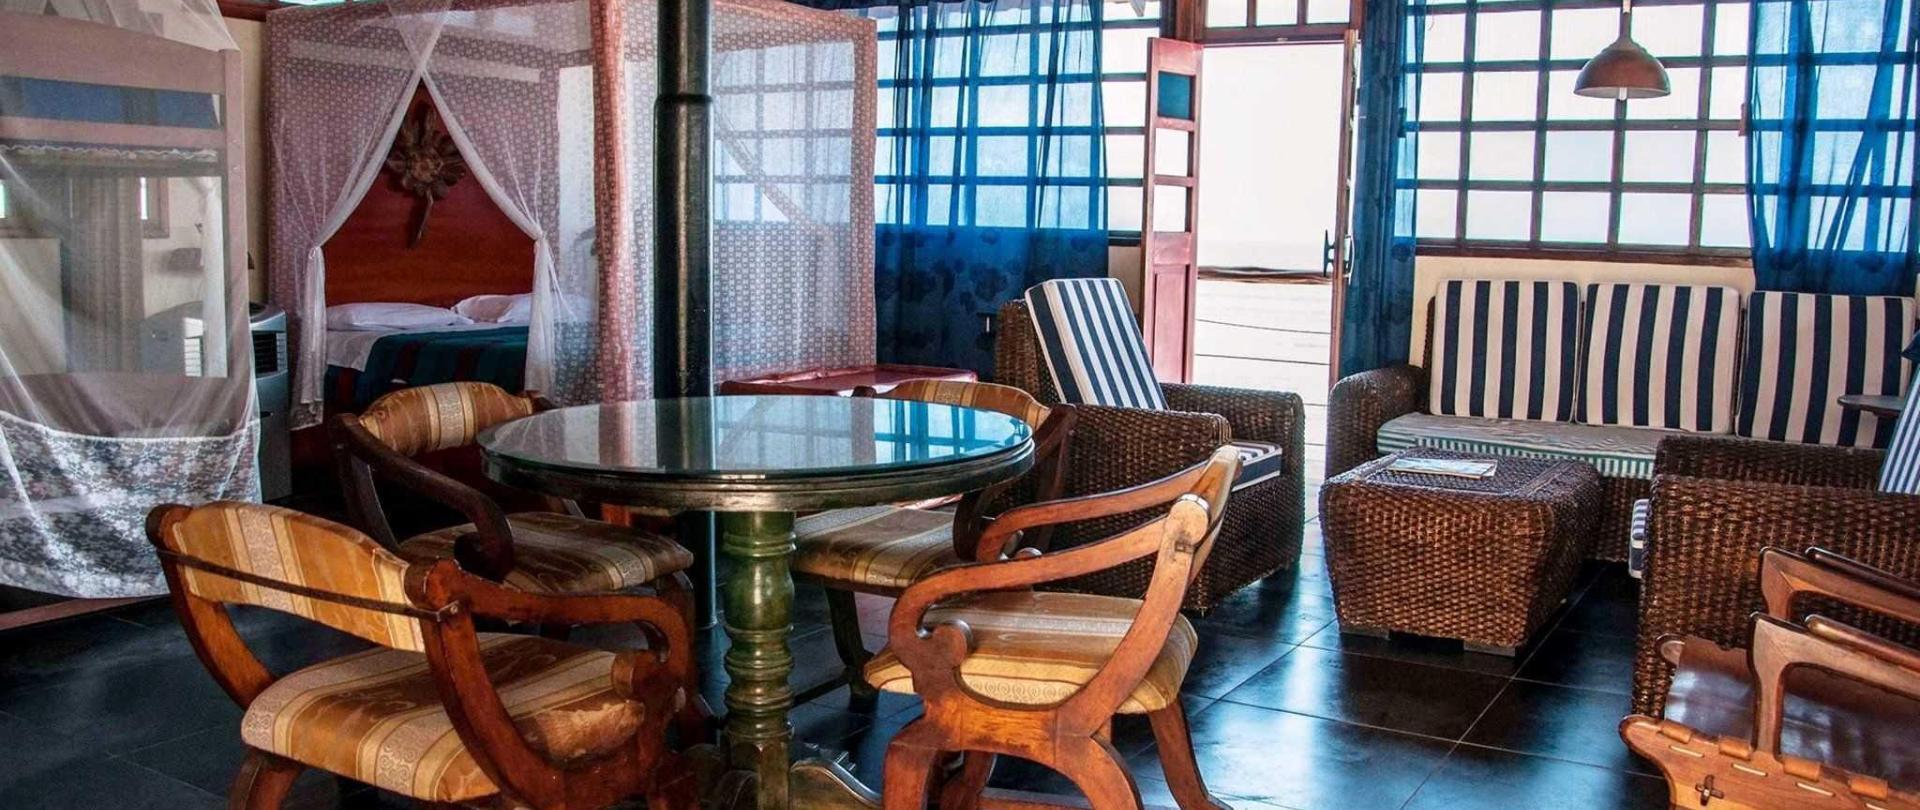 habitacion-pagoda-sala-1.jpg